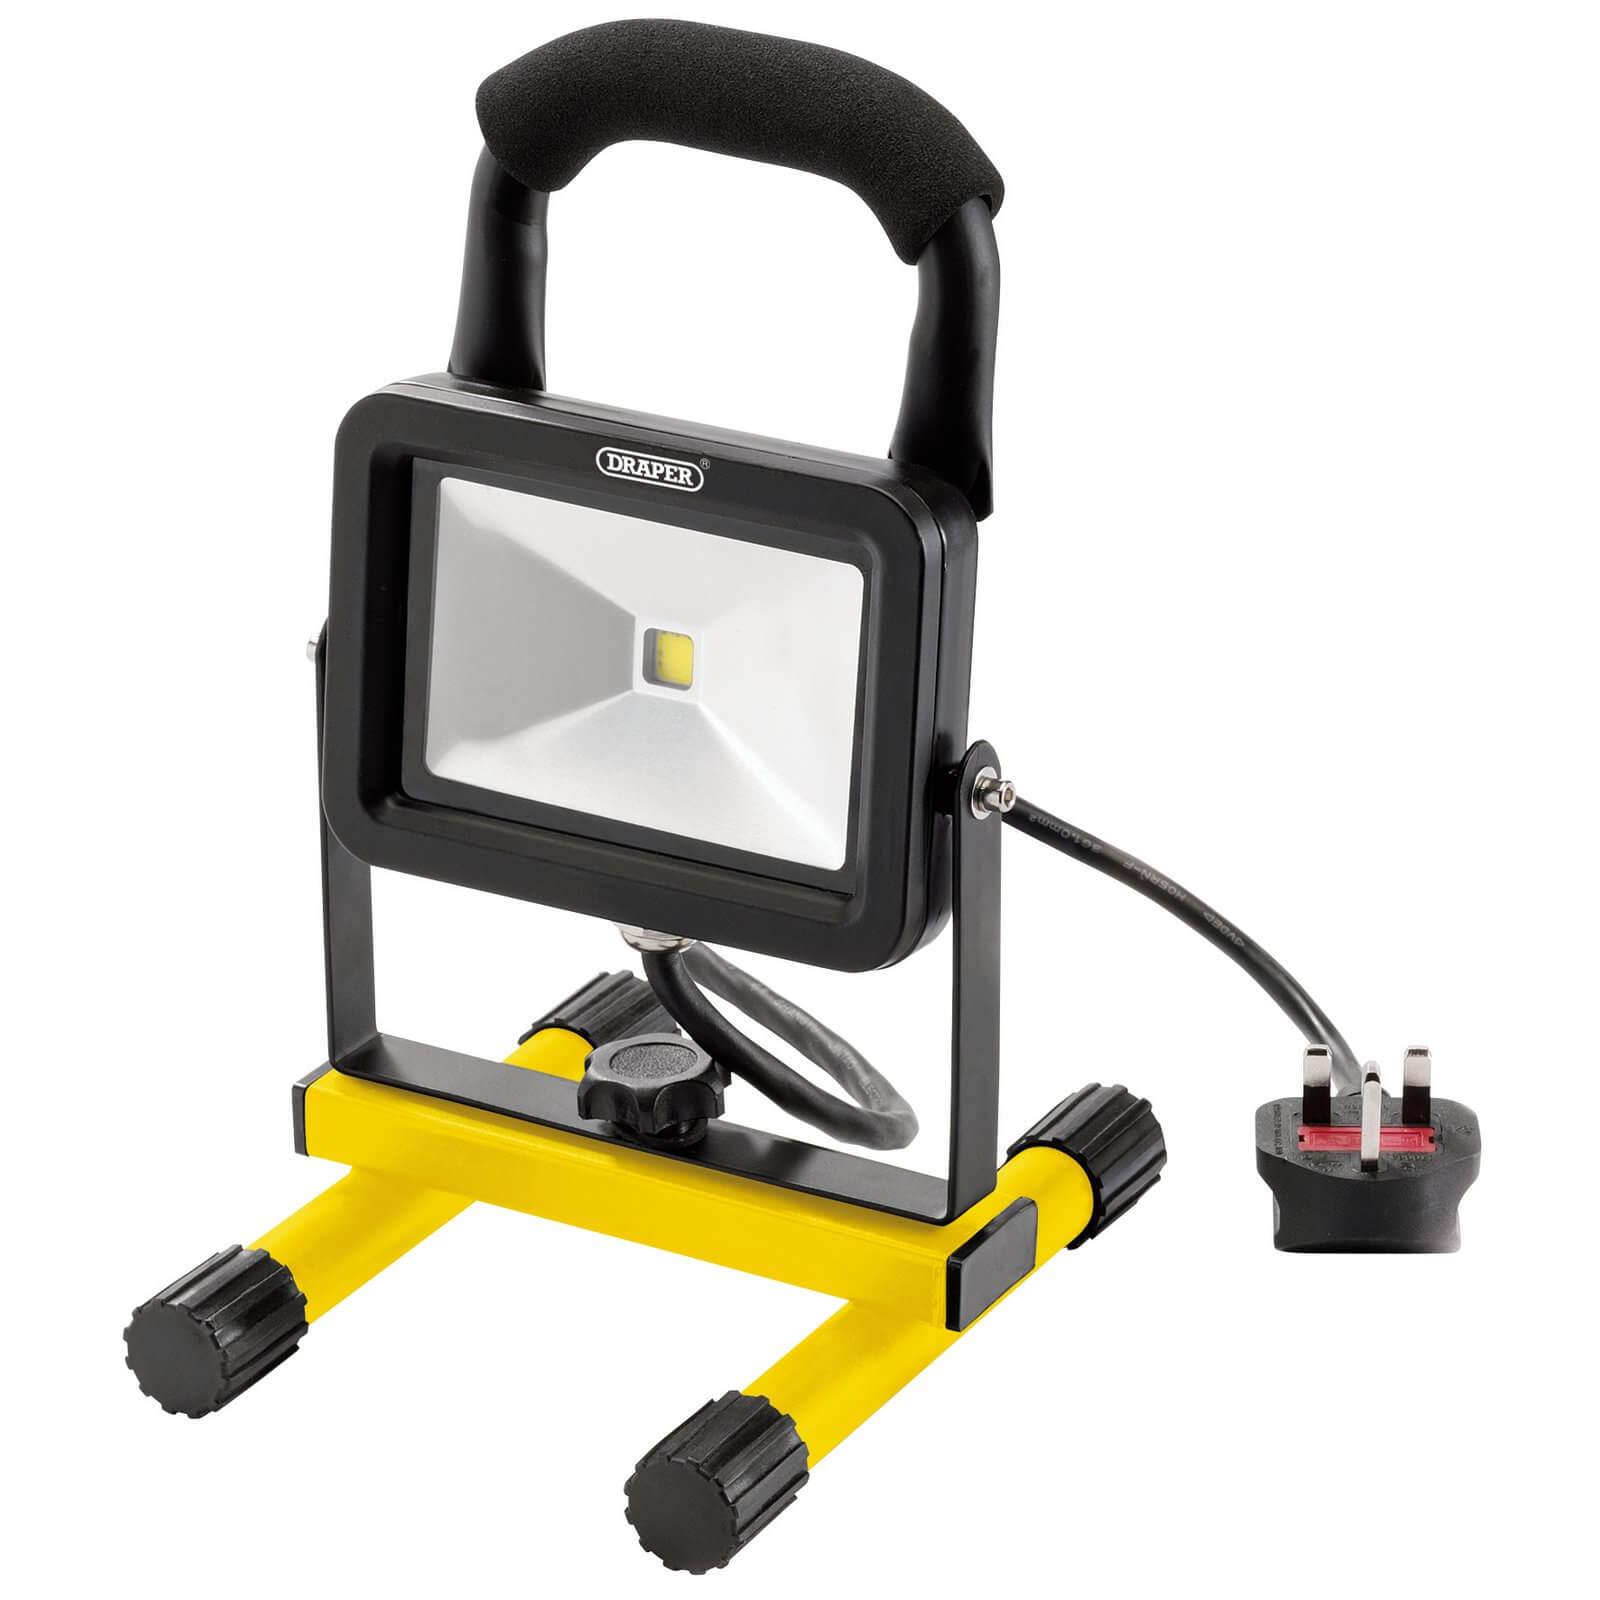 Image of Draper COB LED 10 Watt Work Light 240v